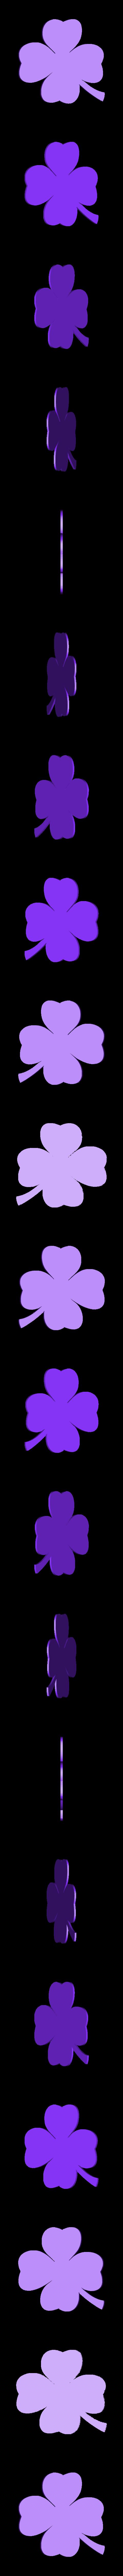 clover-heart-3dprintny.stl Télécharger fichier STL gratuit Trèfle ou trèfle à 4 feuilles? • Modèle à imprimer en 3D, barb_3dprintny